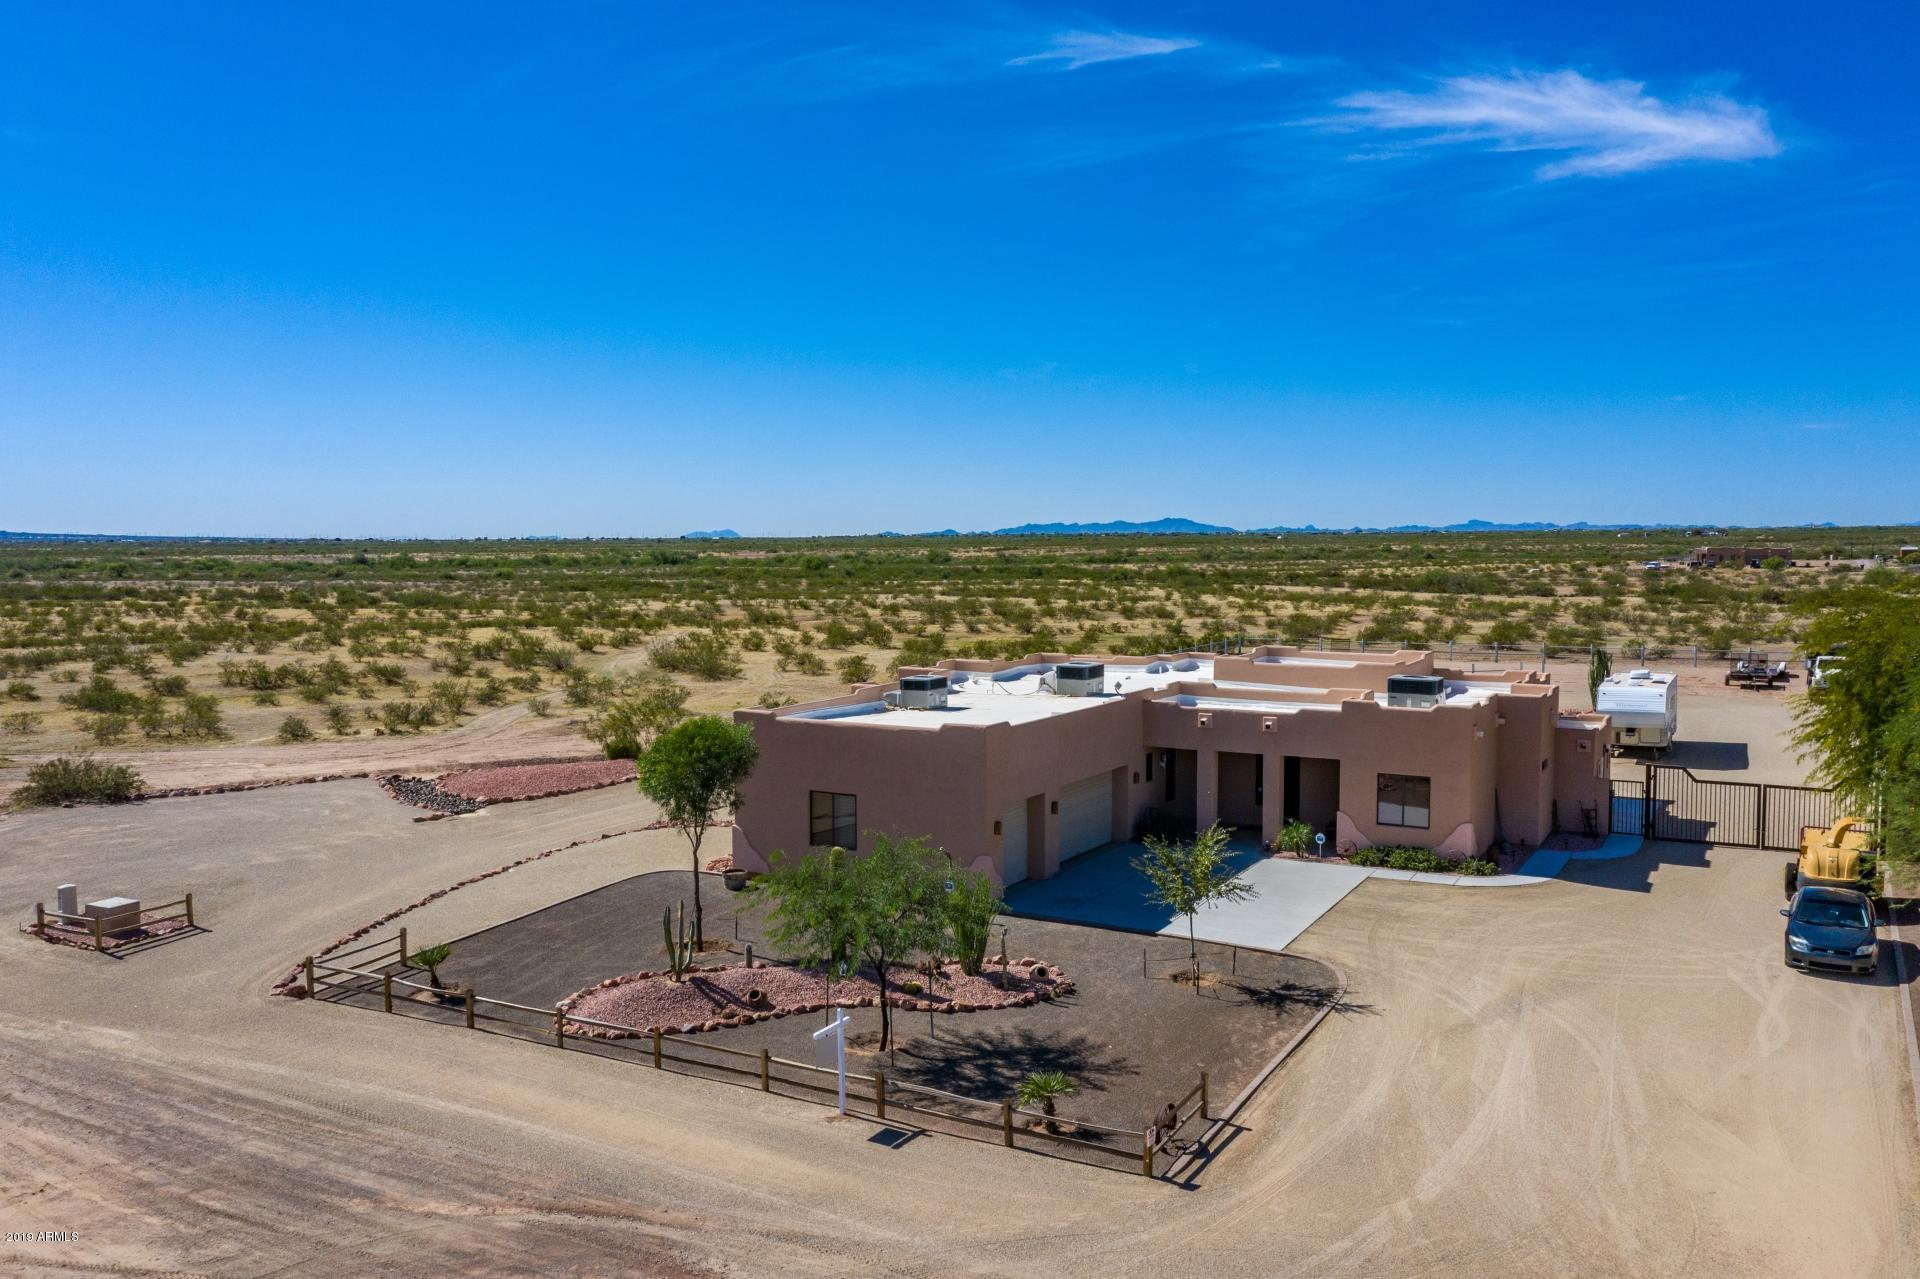 Photo of 30206 N 229TH Avenue, Wittmann, AZ 85361